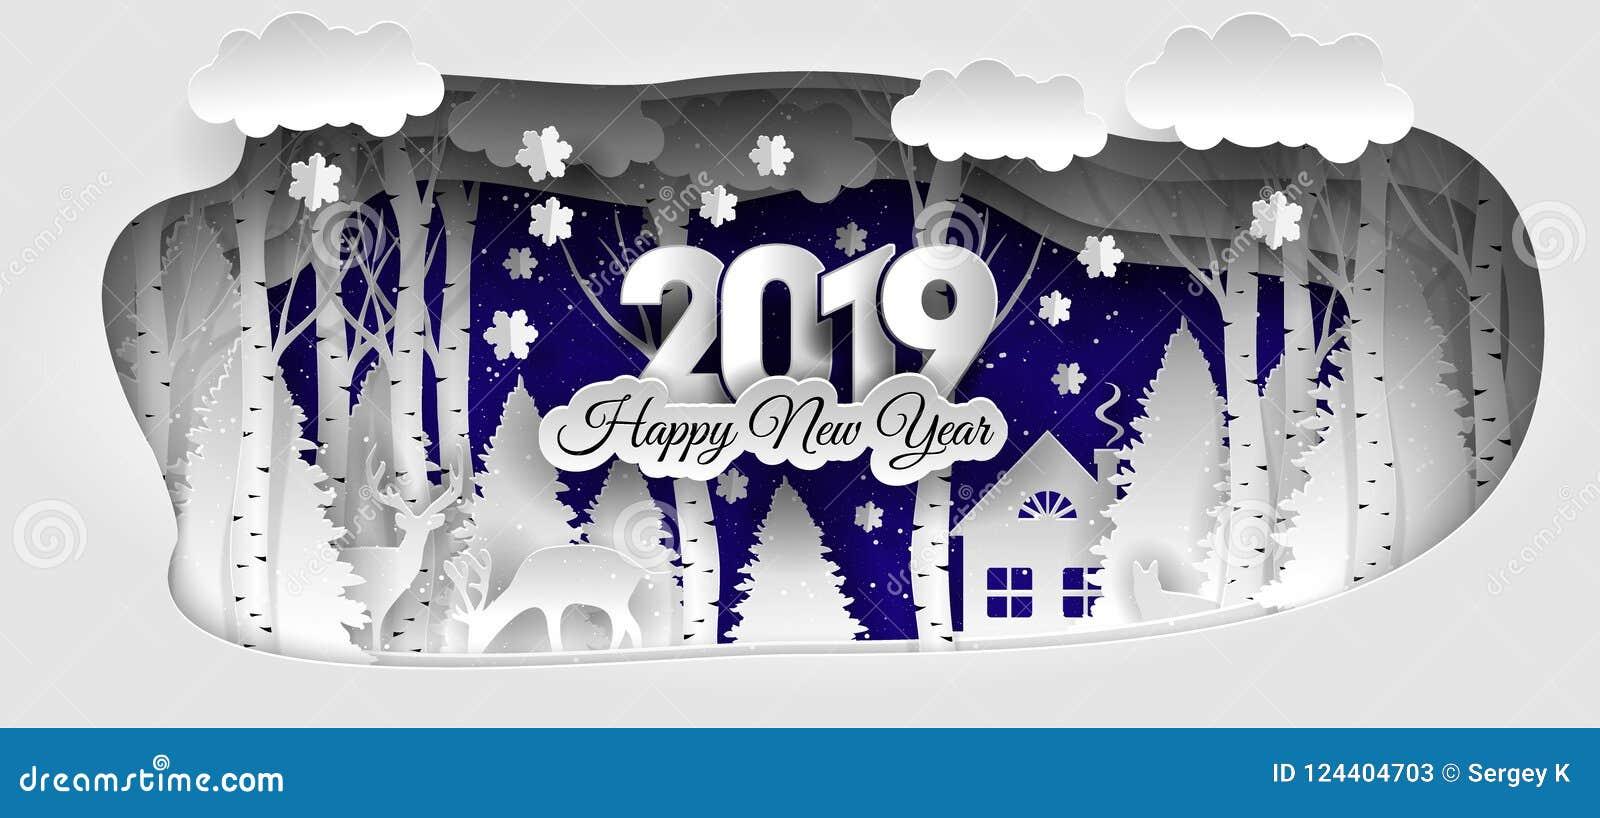 Creatief gelukkig nieuw jaar 2019 ontwerp De winter bos Gelukkig nieuw jaar 2019